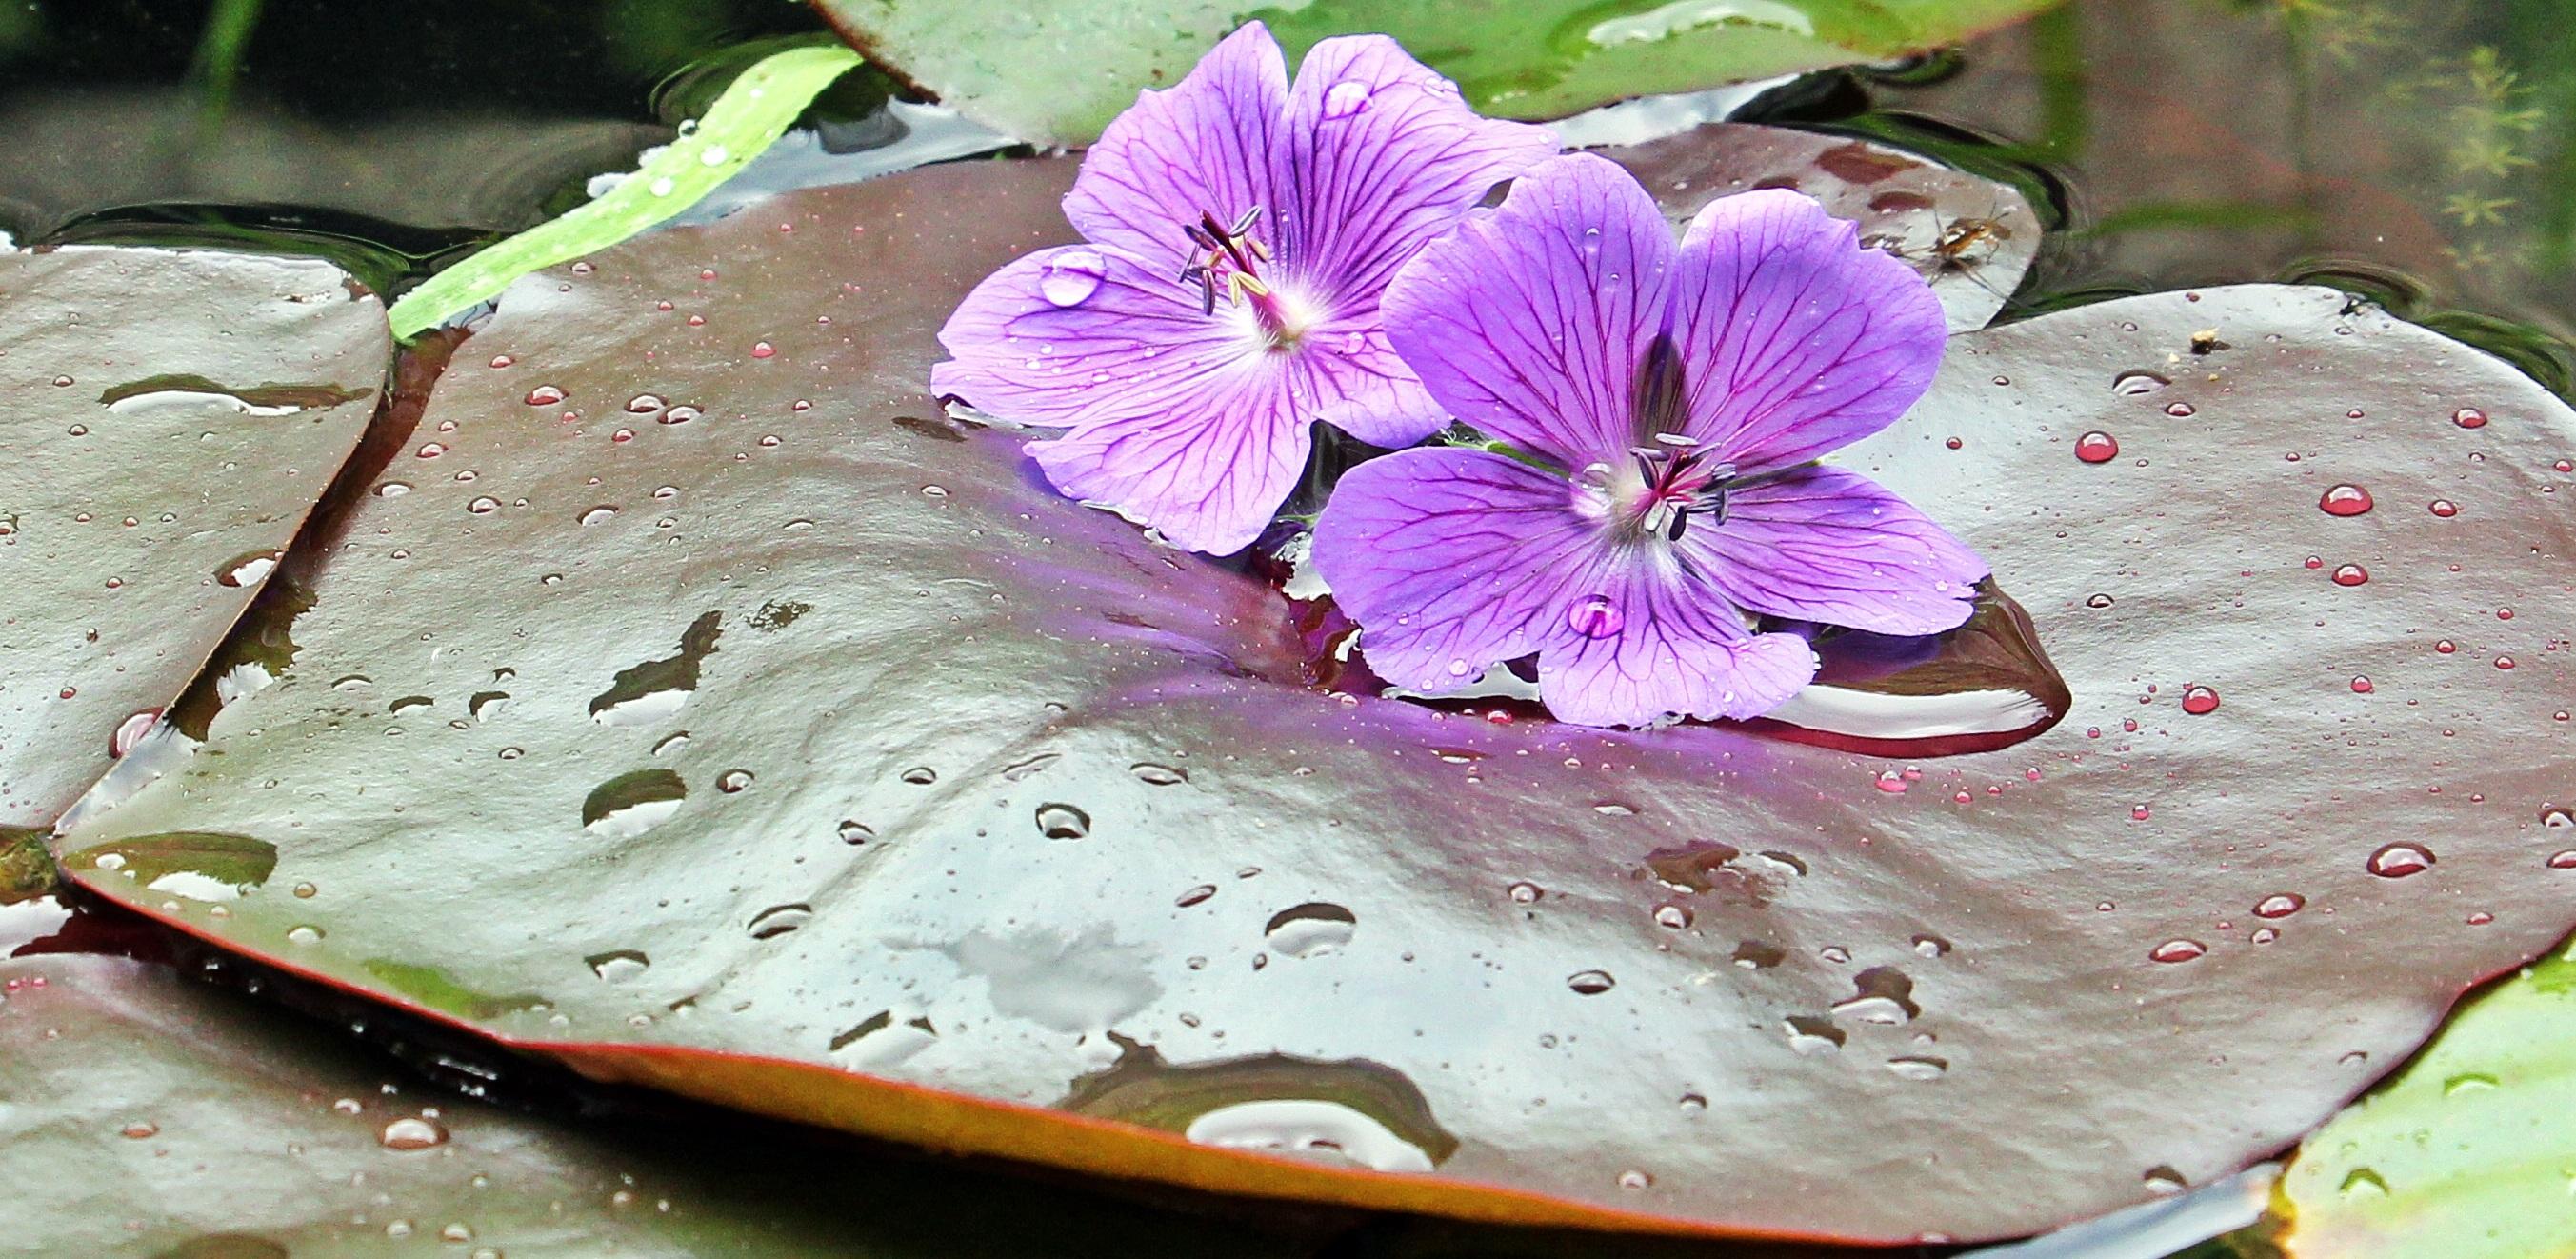 Free Images Nature Blossom Rain Petal Botany Pink Aquatic